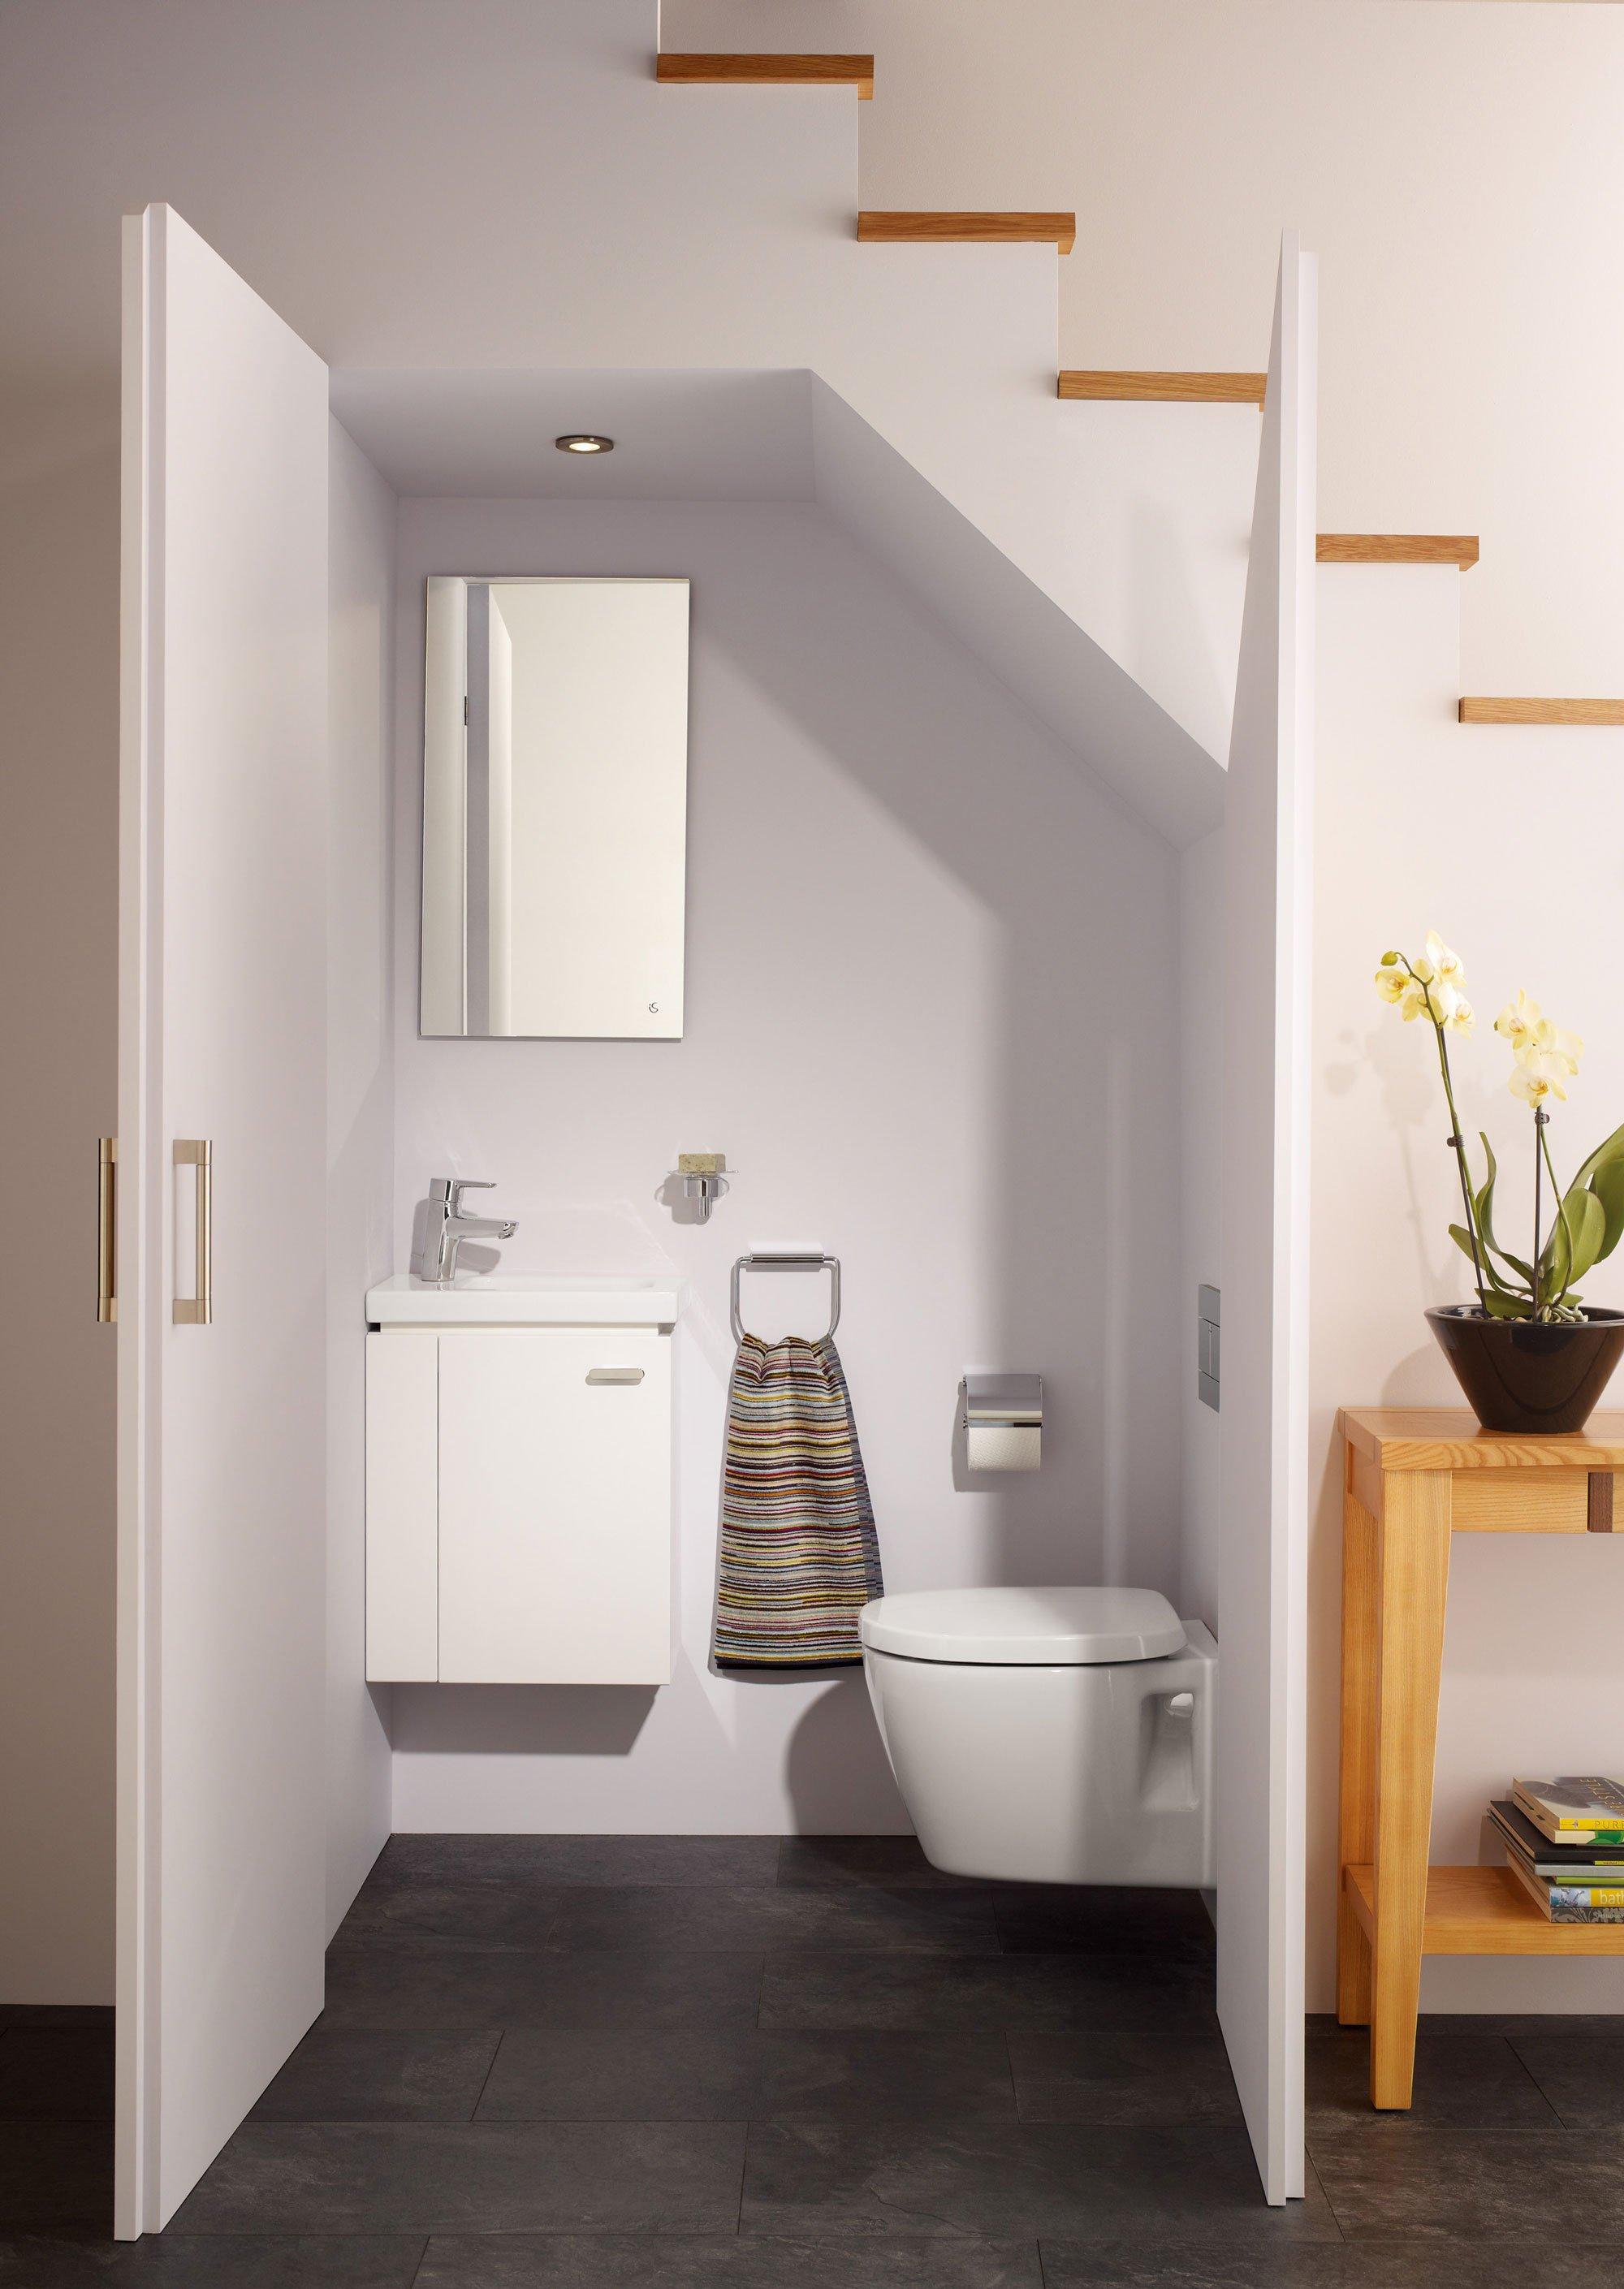 Sanitari per bagni piccolissimi: sanitari installazione e ...